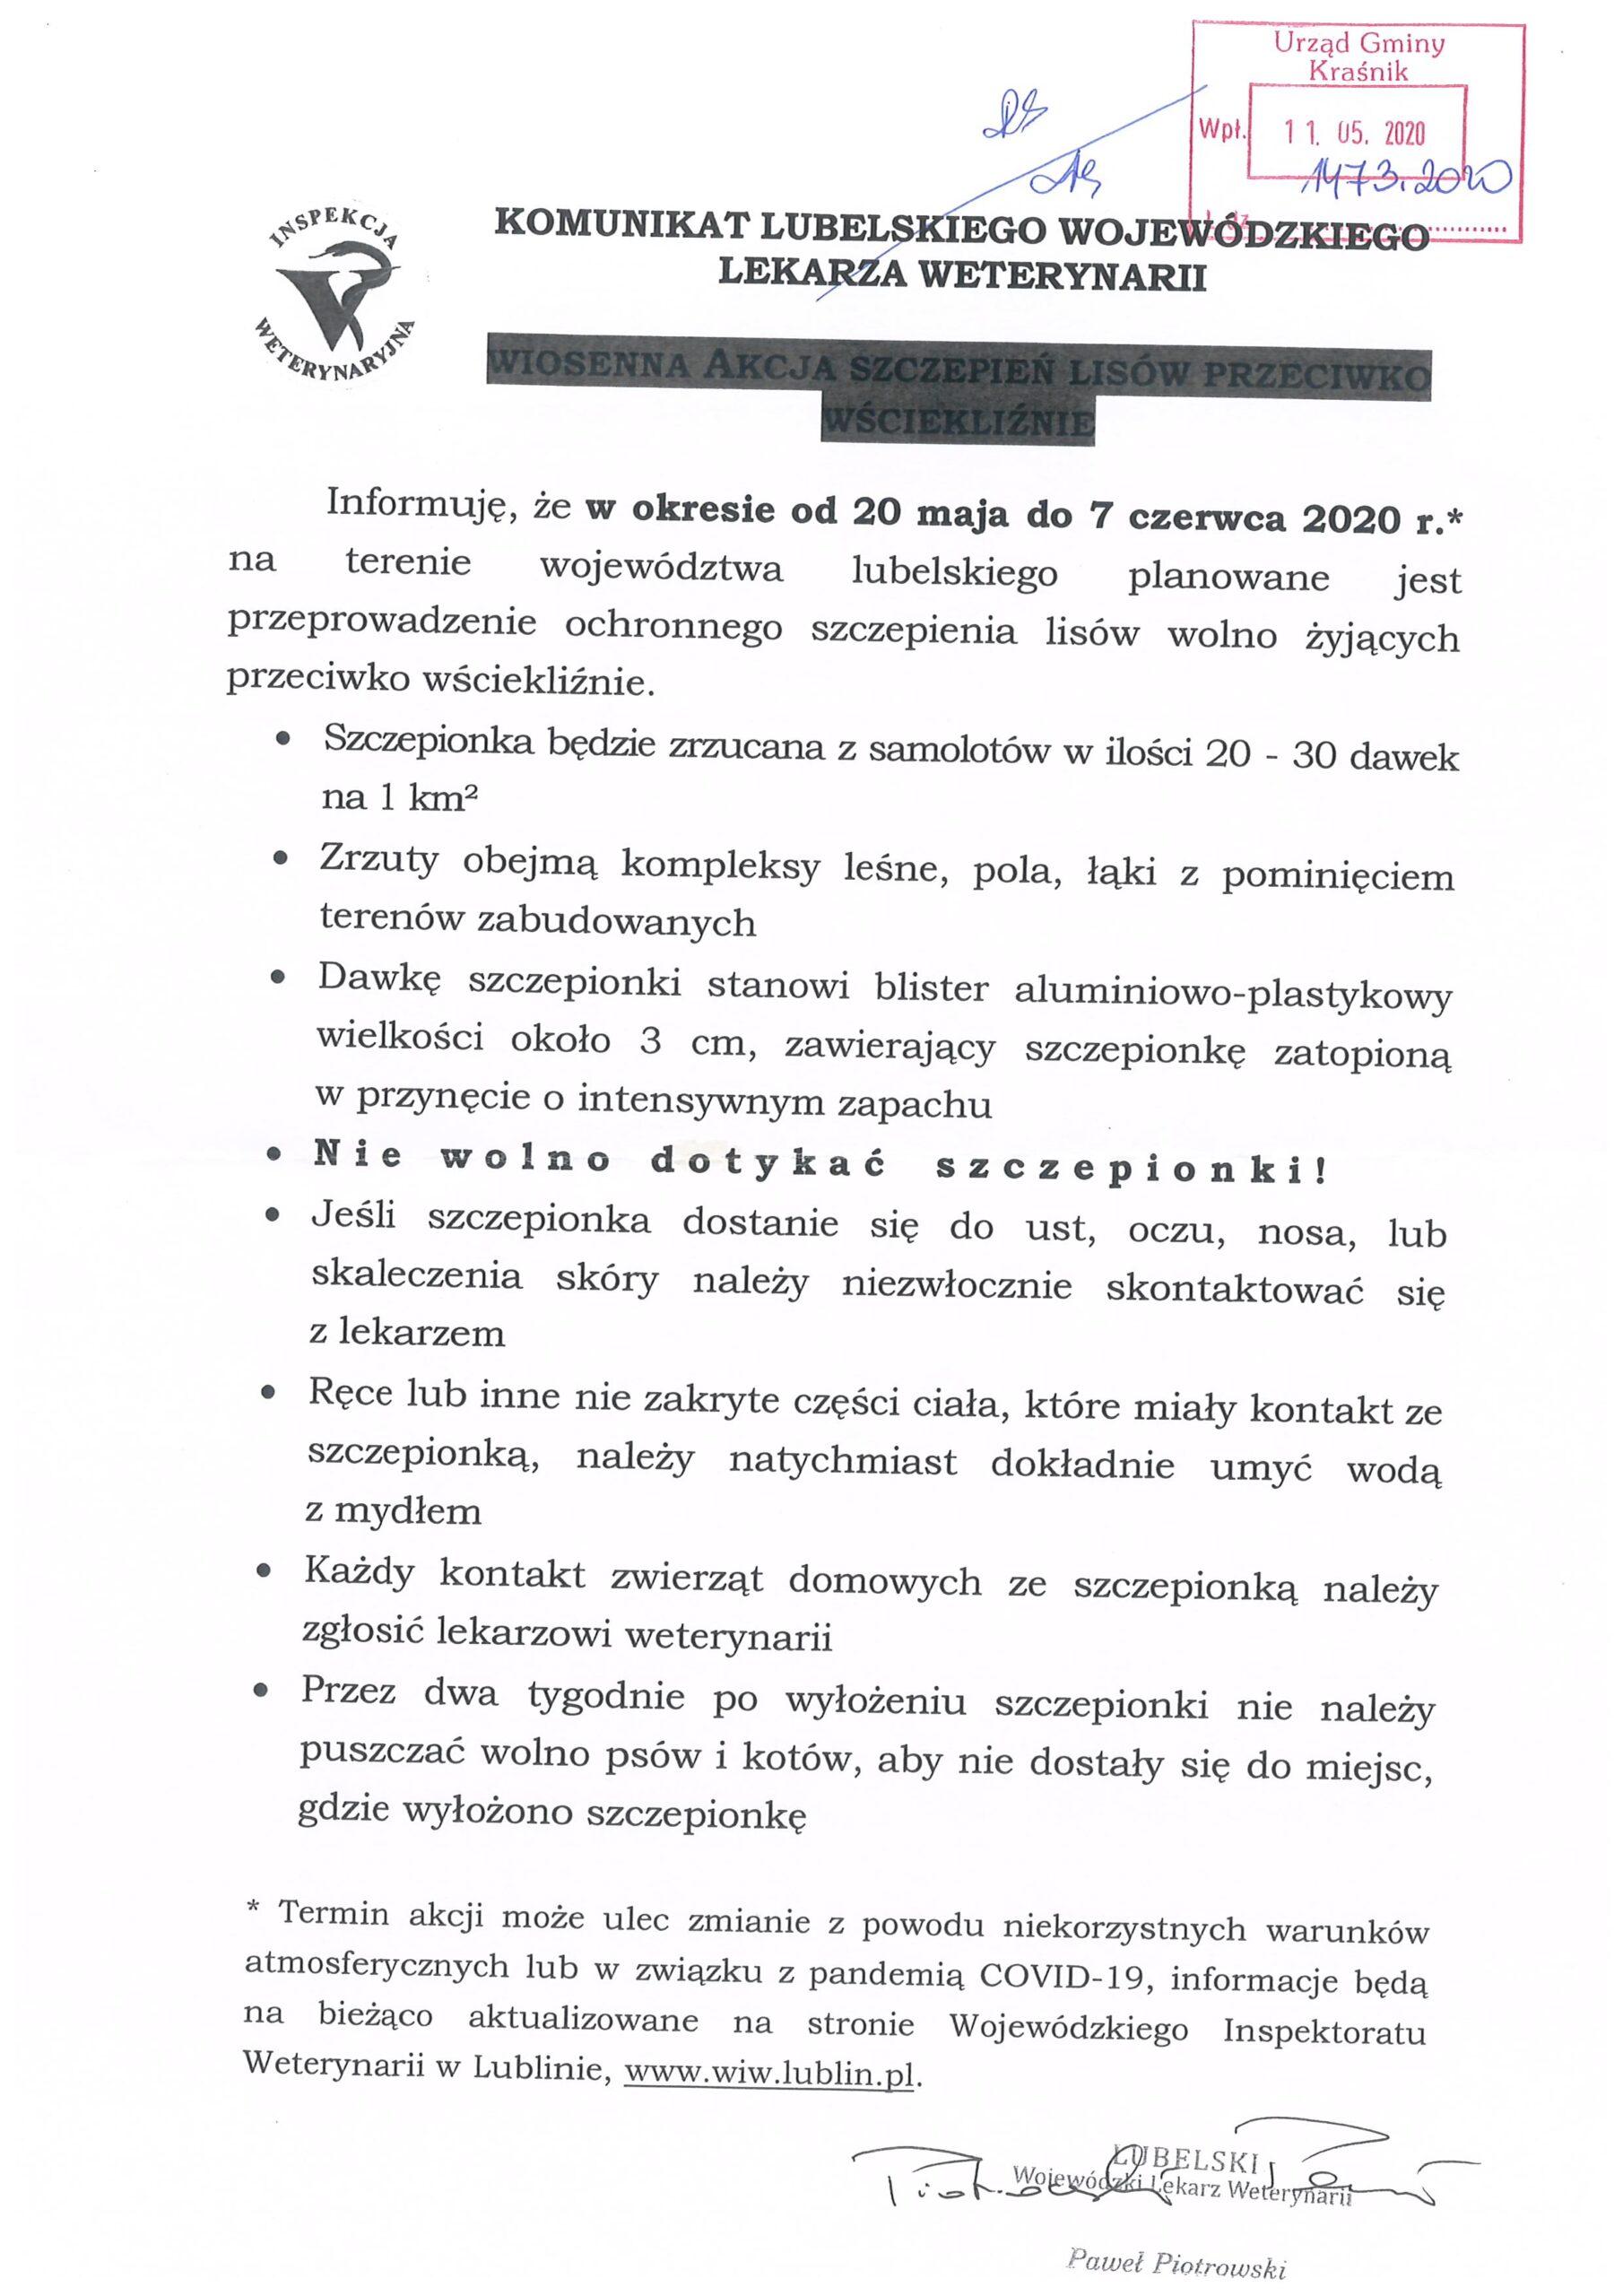 Komunikat Lubelskiego Wojewódzkiego Lekarza Weterynarii scaled